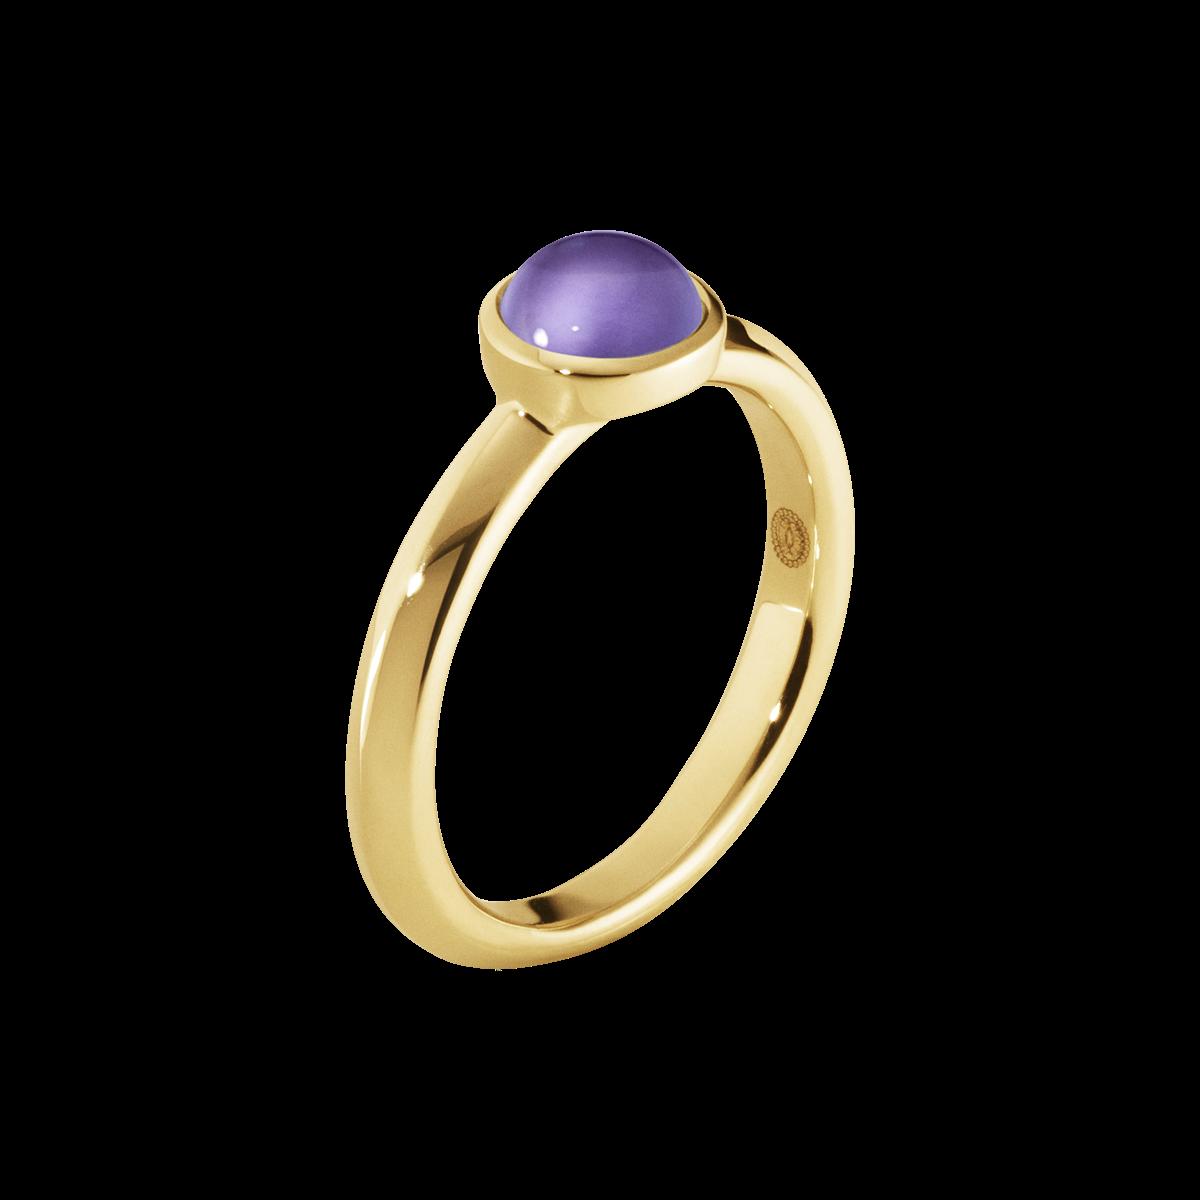 MOONRISE ring - 18 kt. guld med 6 mm ametyst